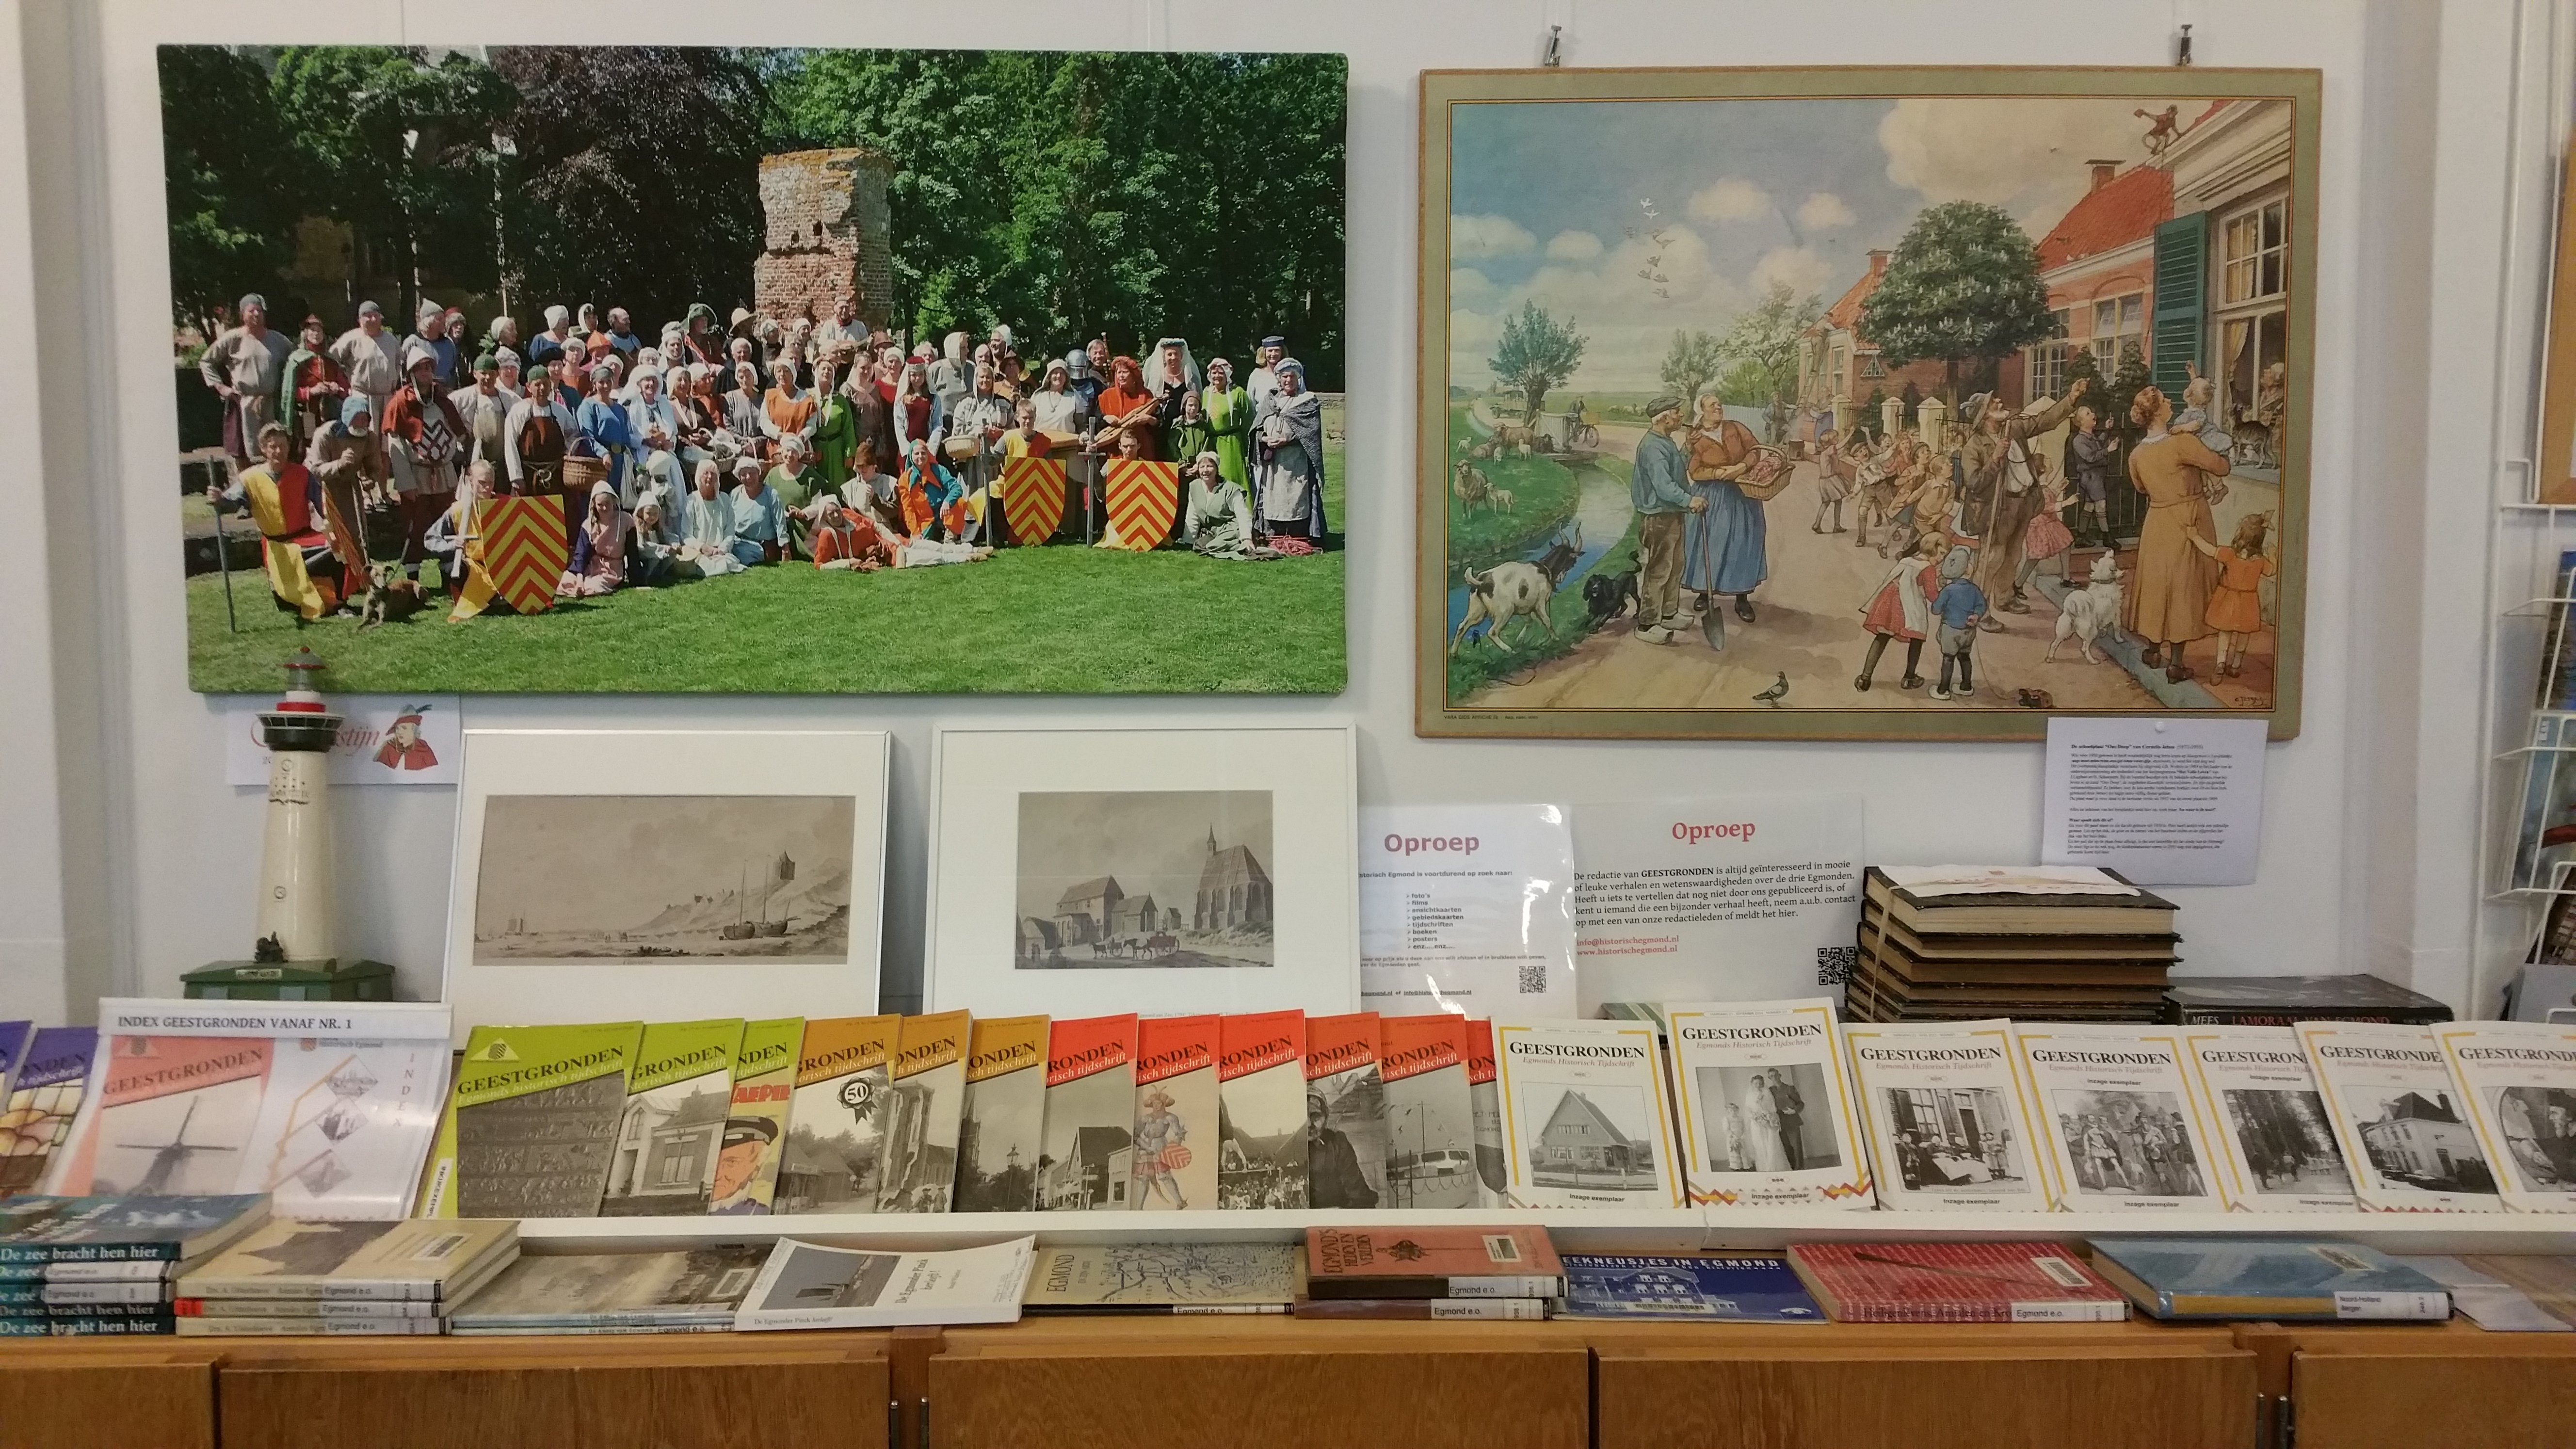 Bibiliotheek en exposities